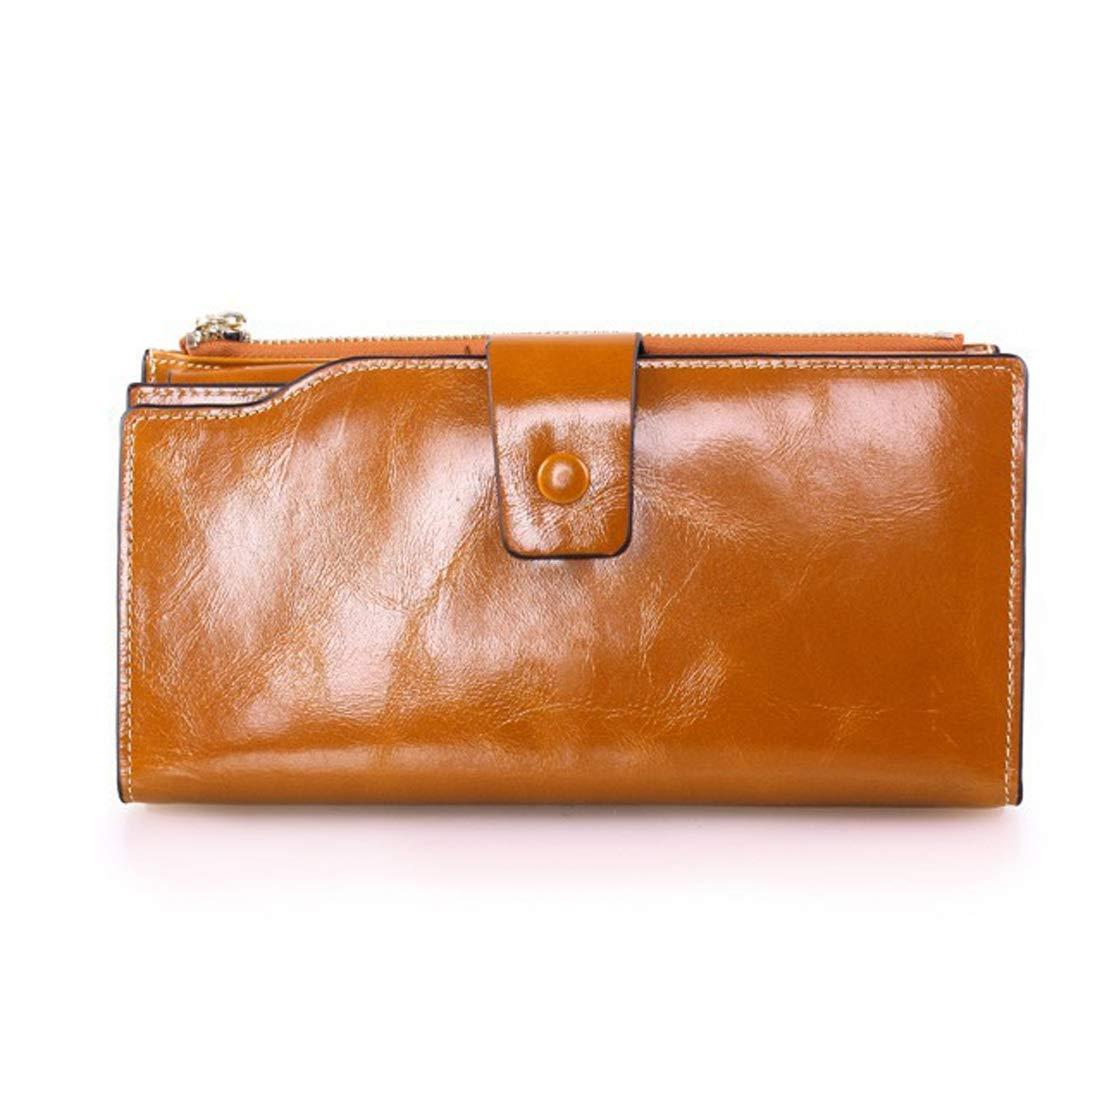 3fa62bbf0b4d4 ... Mifusanahorn Frauen Frauen Frauen Falten große Kapazität Rindsleder  Länge Brieftasche Strap Geldbörse (Farbe lila) ...